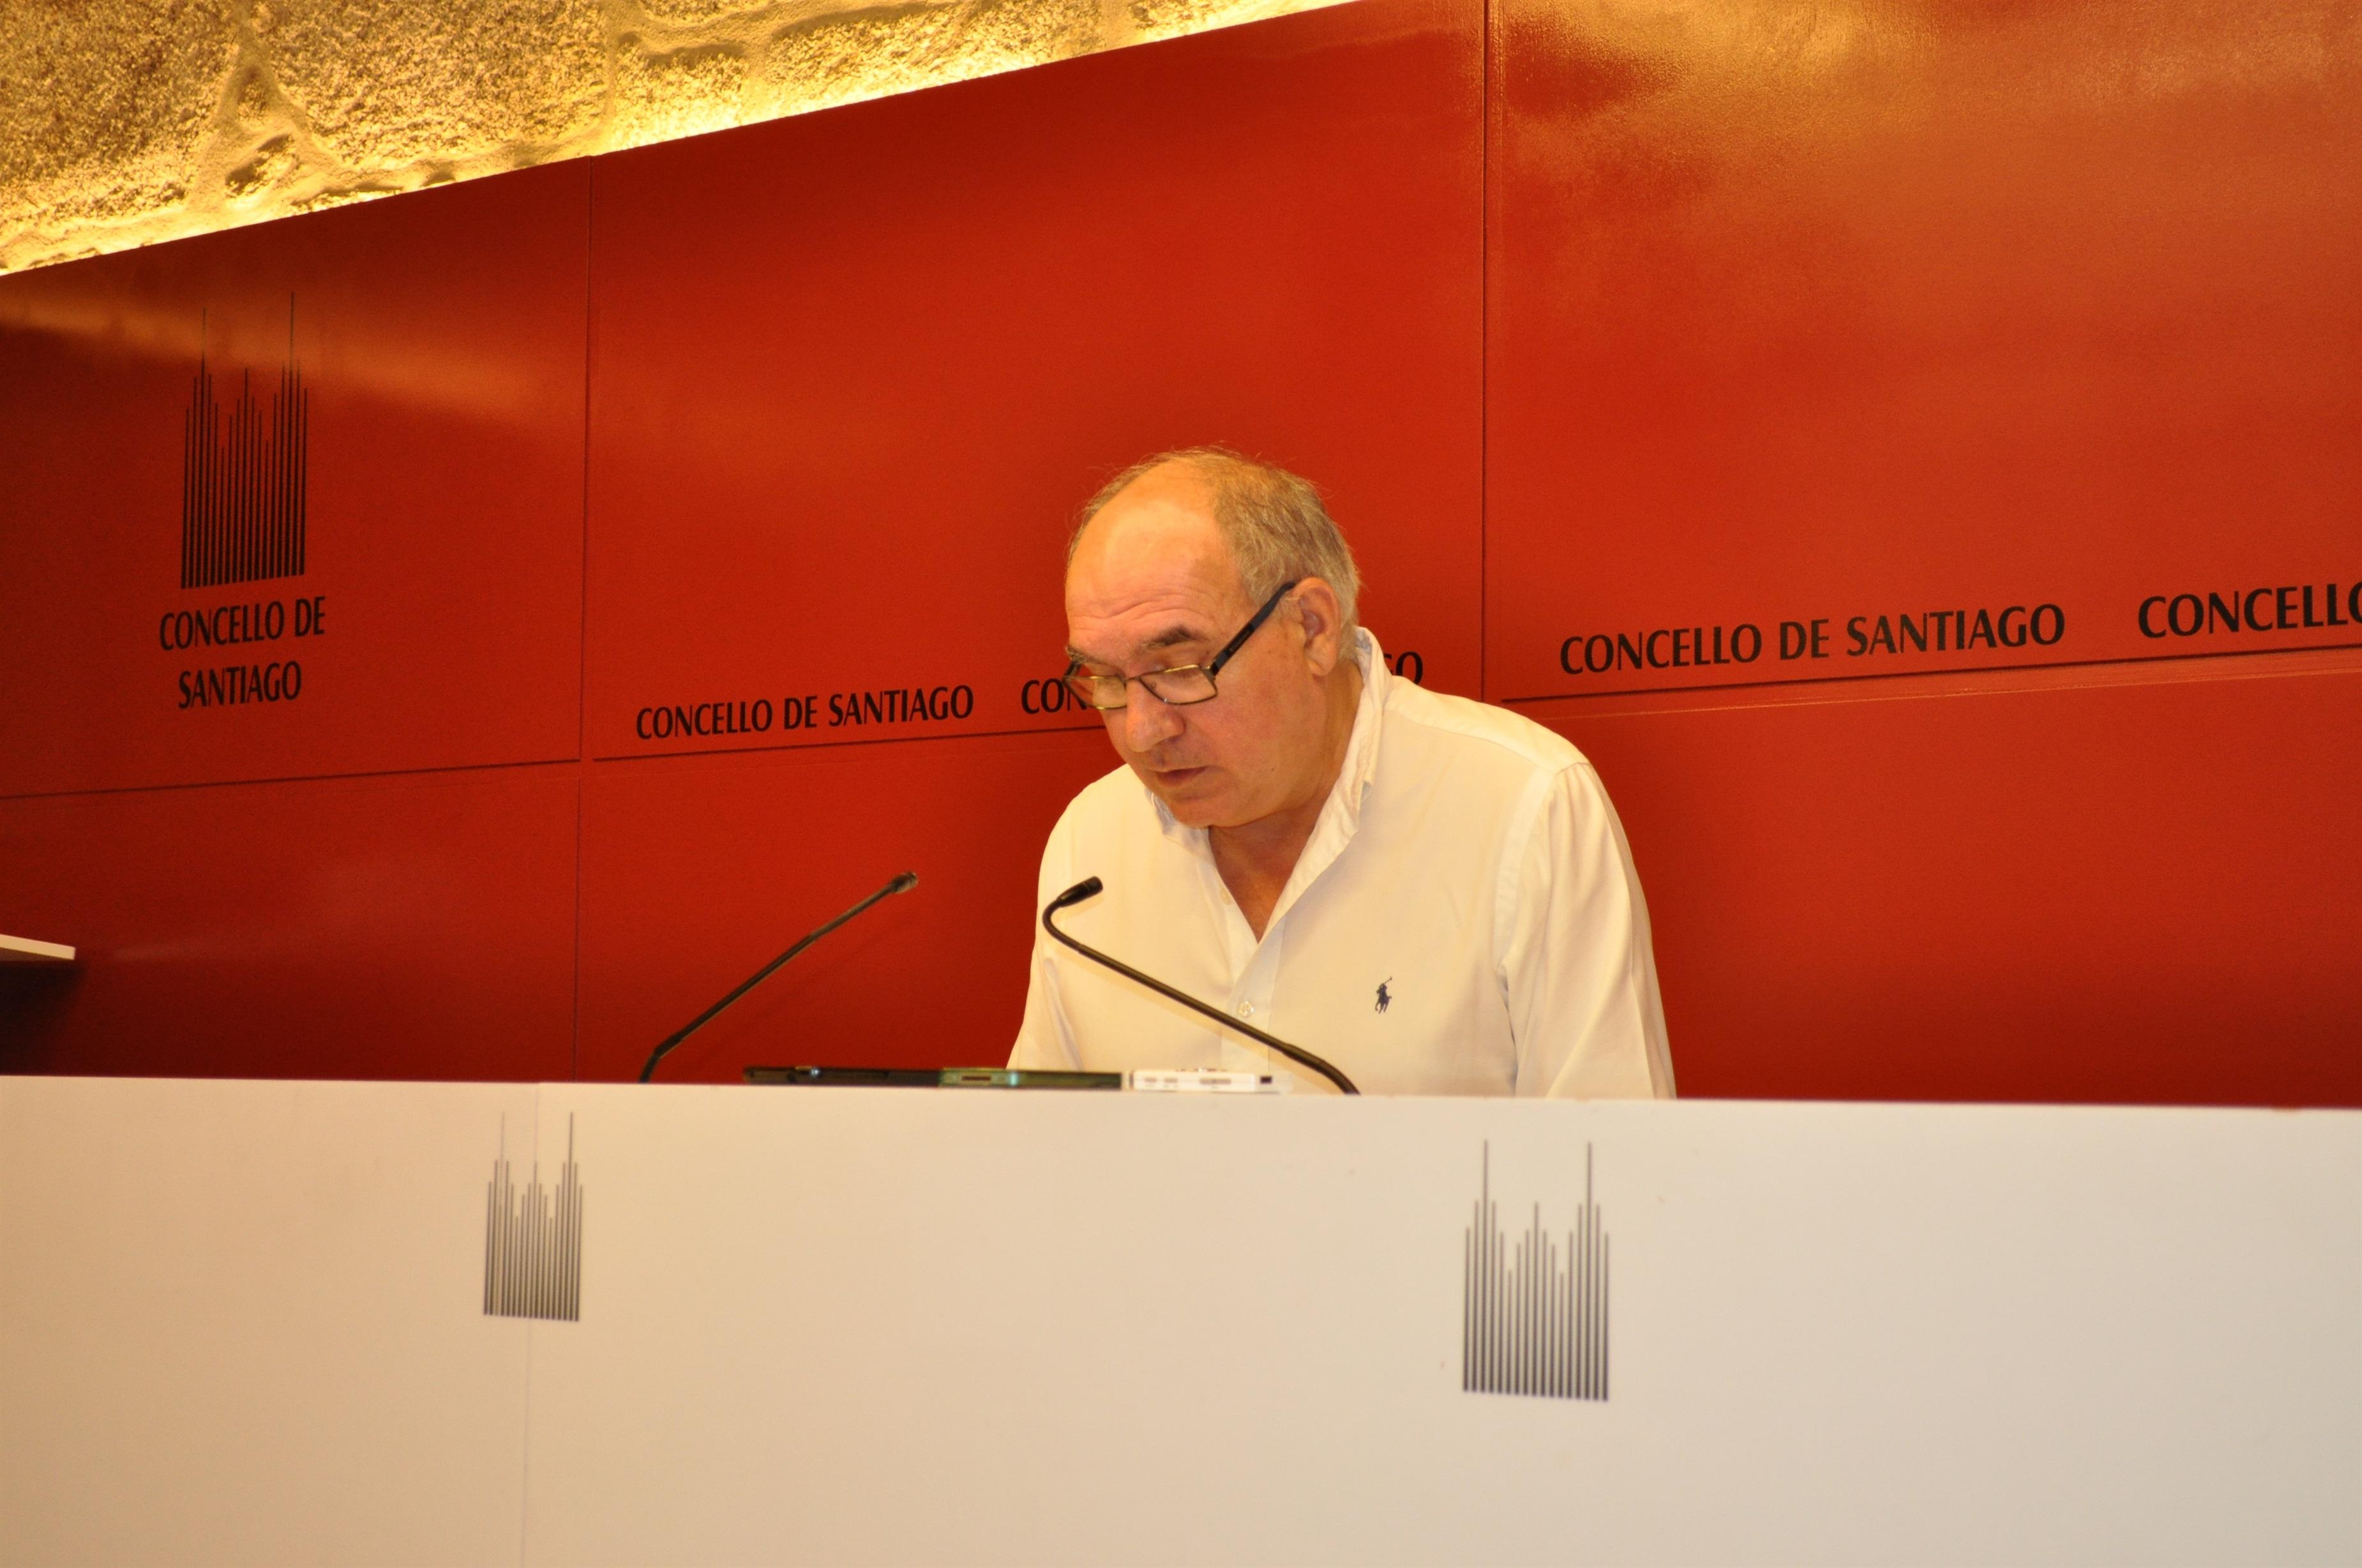 Imputado el edil compostelano Bernardino Rama (PSdeG), quien dice desconocer los motivos y que no dimitirá